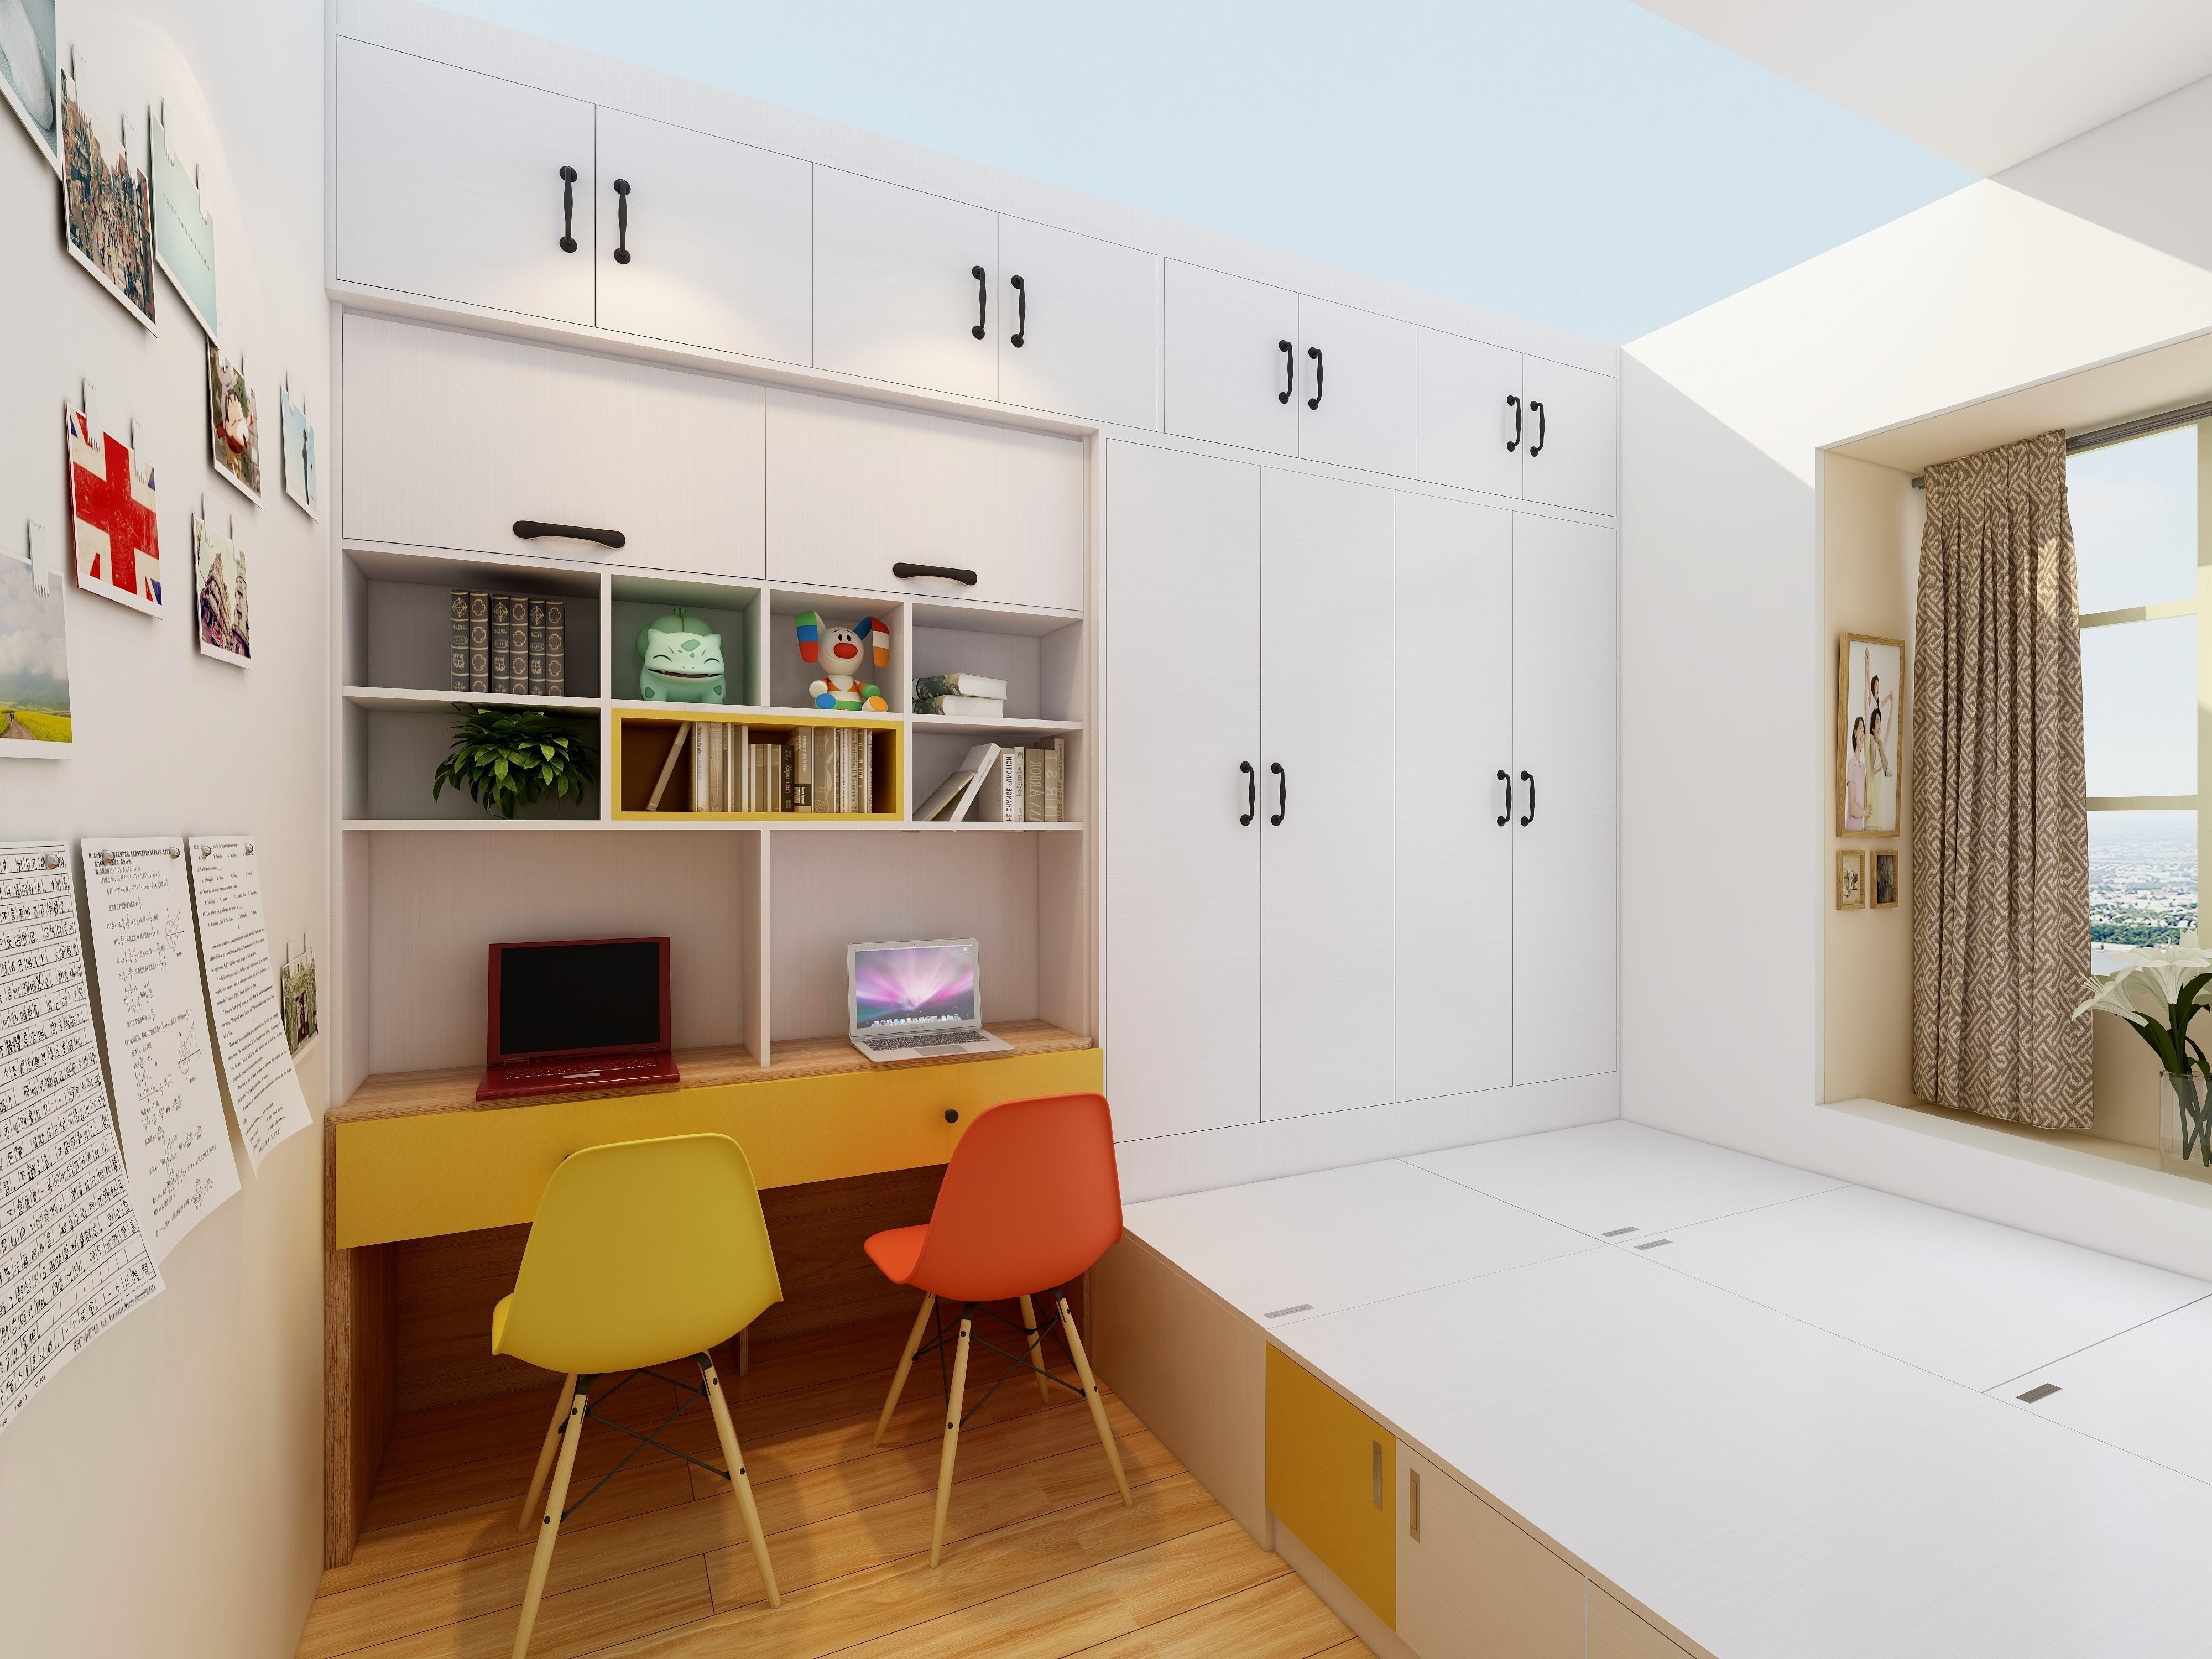 女儿房间榻榻米15平米现代风格装修效果图